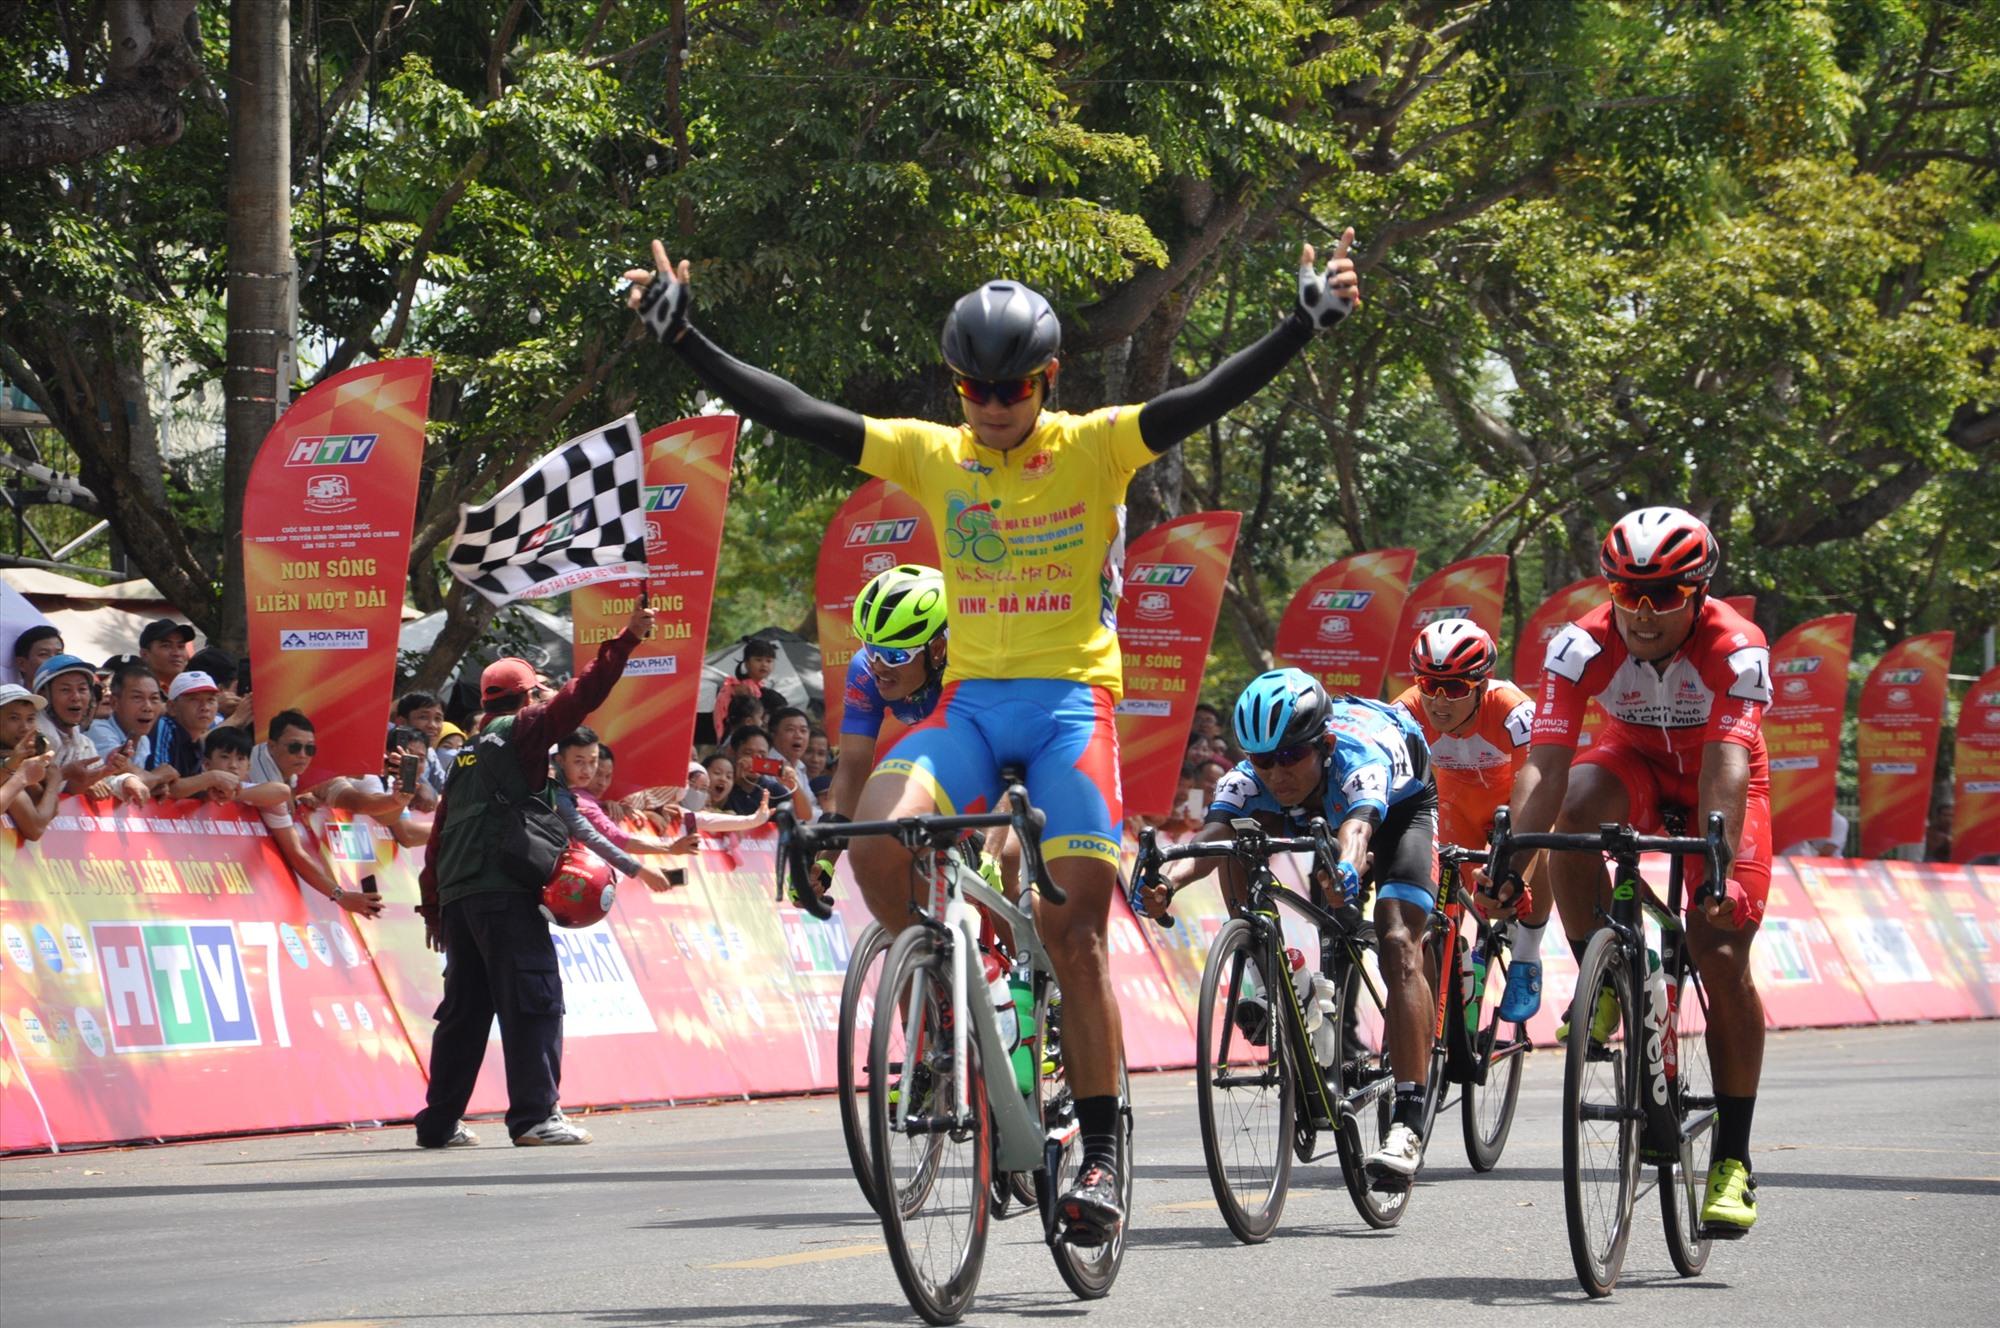 Tay đua Nguyễn Tấn Hoài giành chiến thắng chặng 6 Đà Nẵng-Quảng Nam. Ảnh: T.V